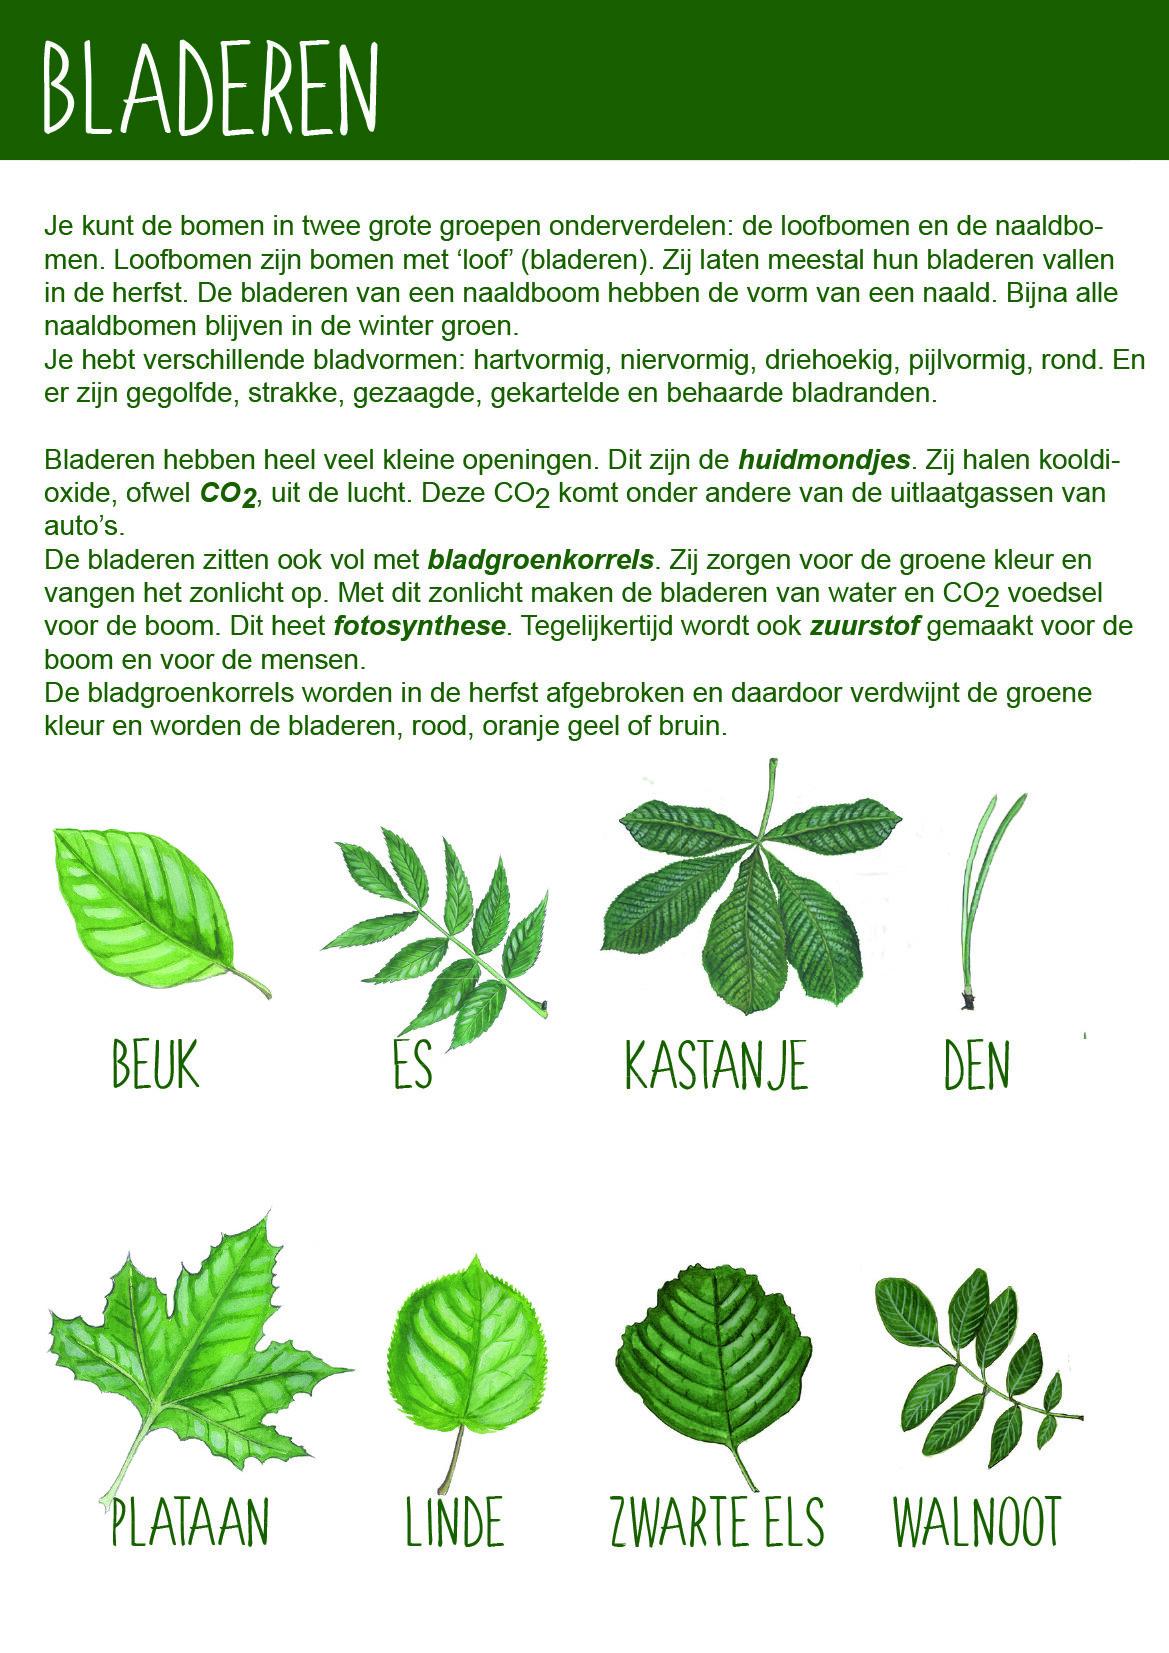 Afbeelding bladeren BomenPaspoort - Natuureducatie